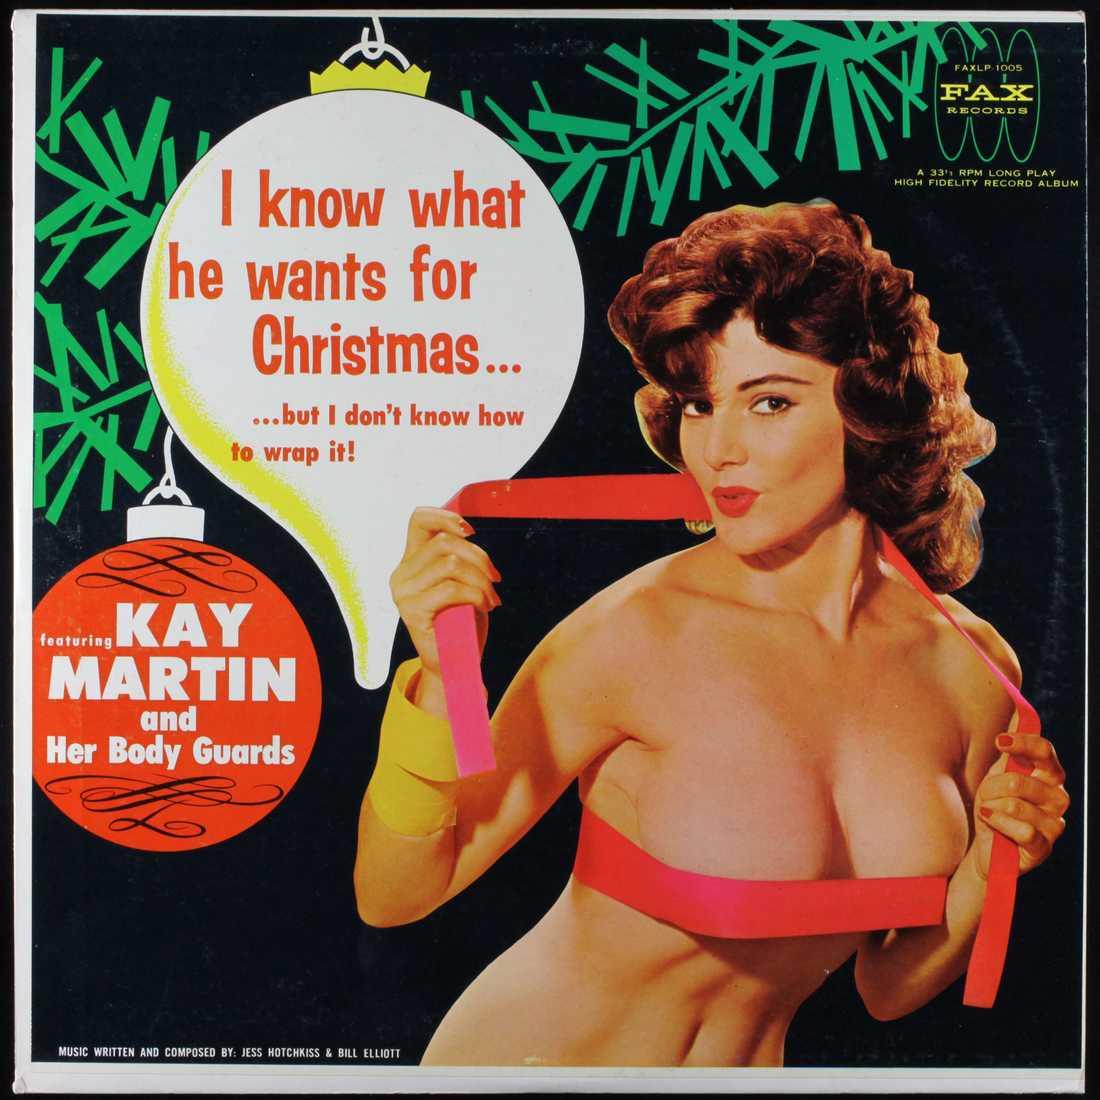 Kay Martin Kay Martin var en indian, fotomodell, sångerska och ägare till det legendariska etablissemanget Kay Martins Lodge. Spontant tycker Nöjesbladet att Kay verkar ha varit en spännande artist. Omslaget fick vi i tips av den kloka läsaren Nils Paulson.